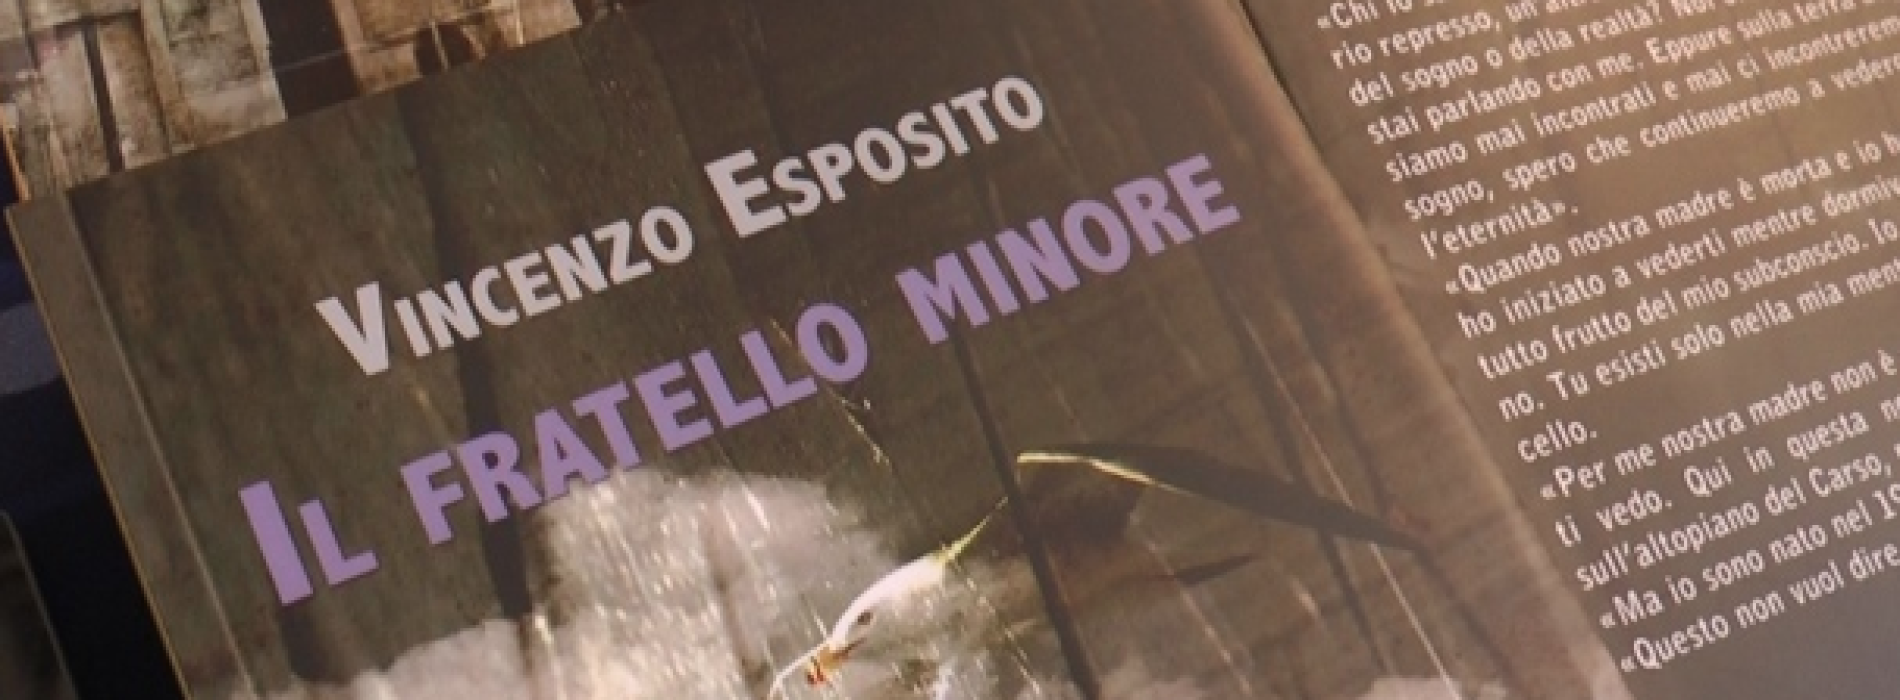 Il fratello minore. Il libro di Vincenzo Esposito